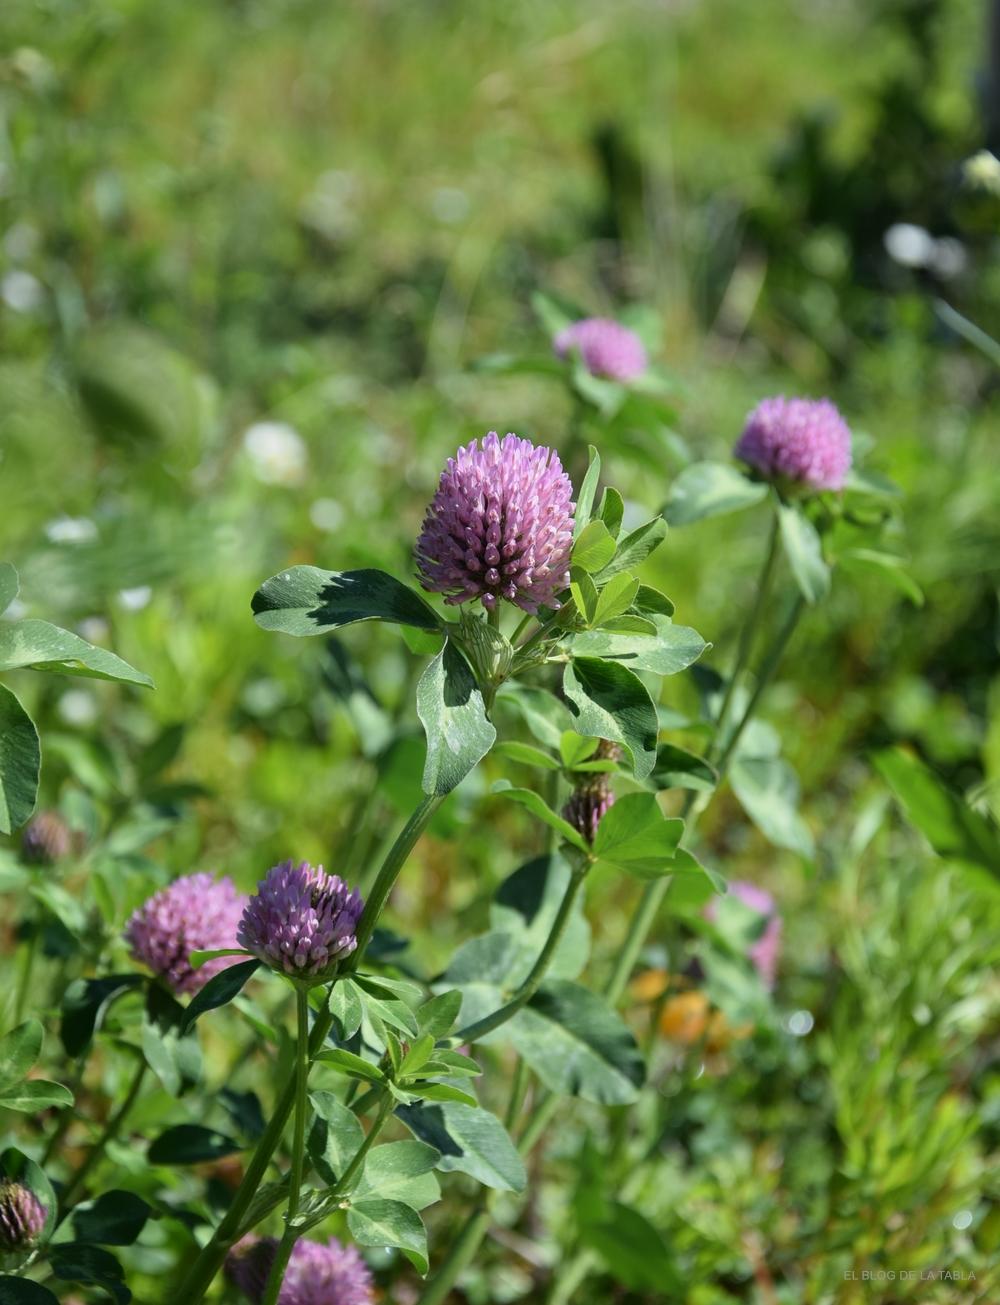 Trifolium pratense (trébol rojo, trébol violeta) herbacea vivaz para praderas de flores silvestres